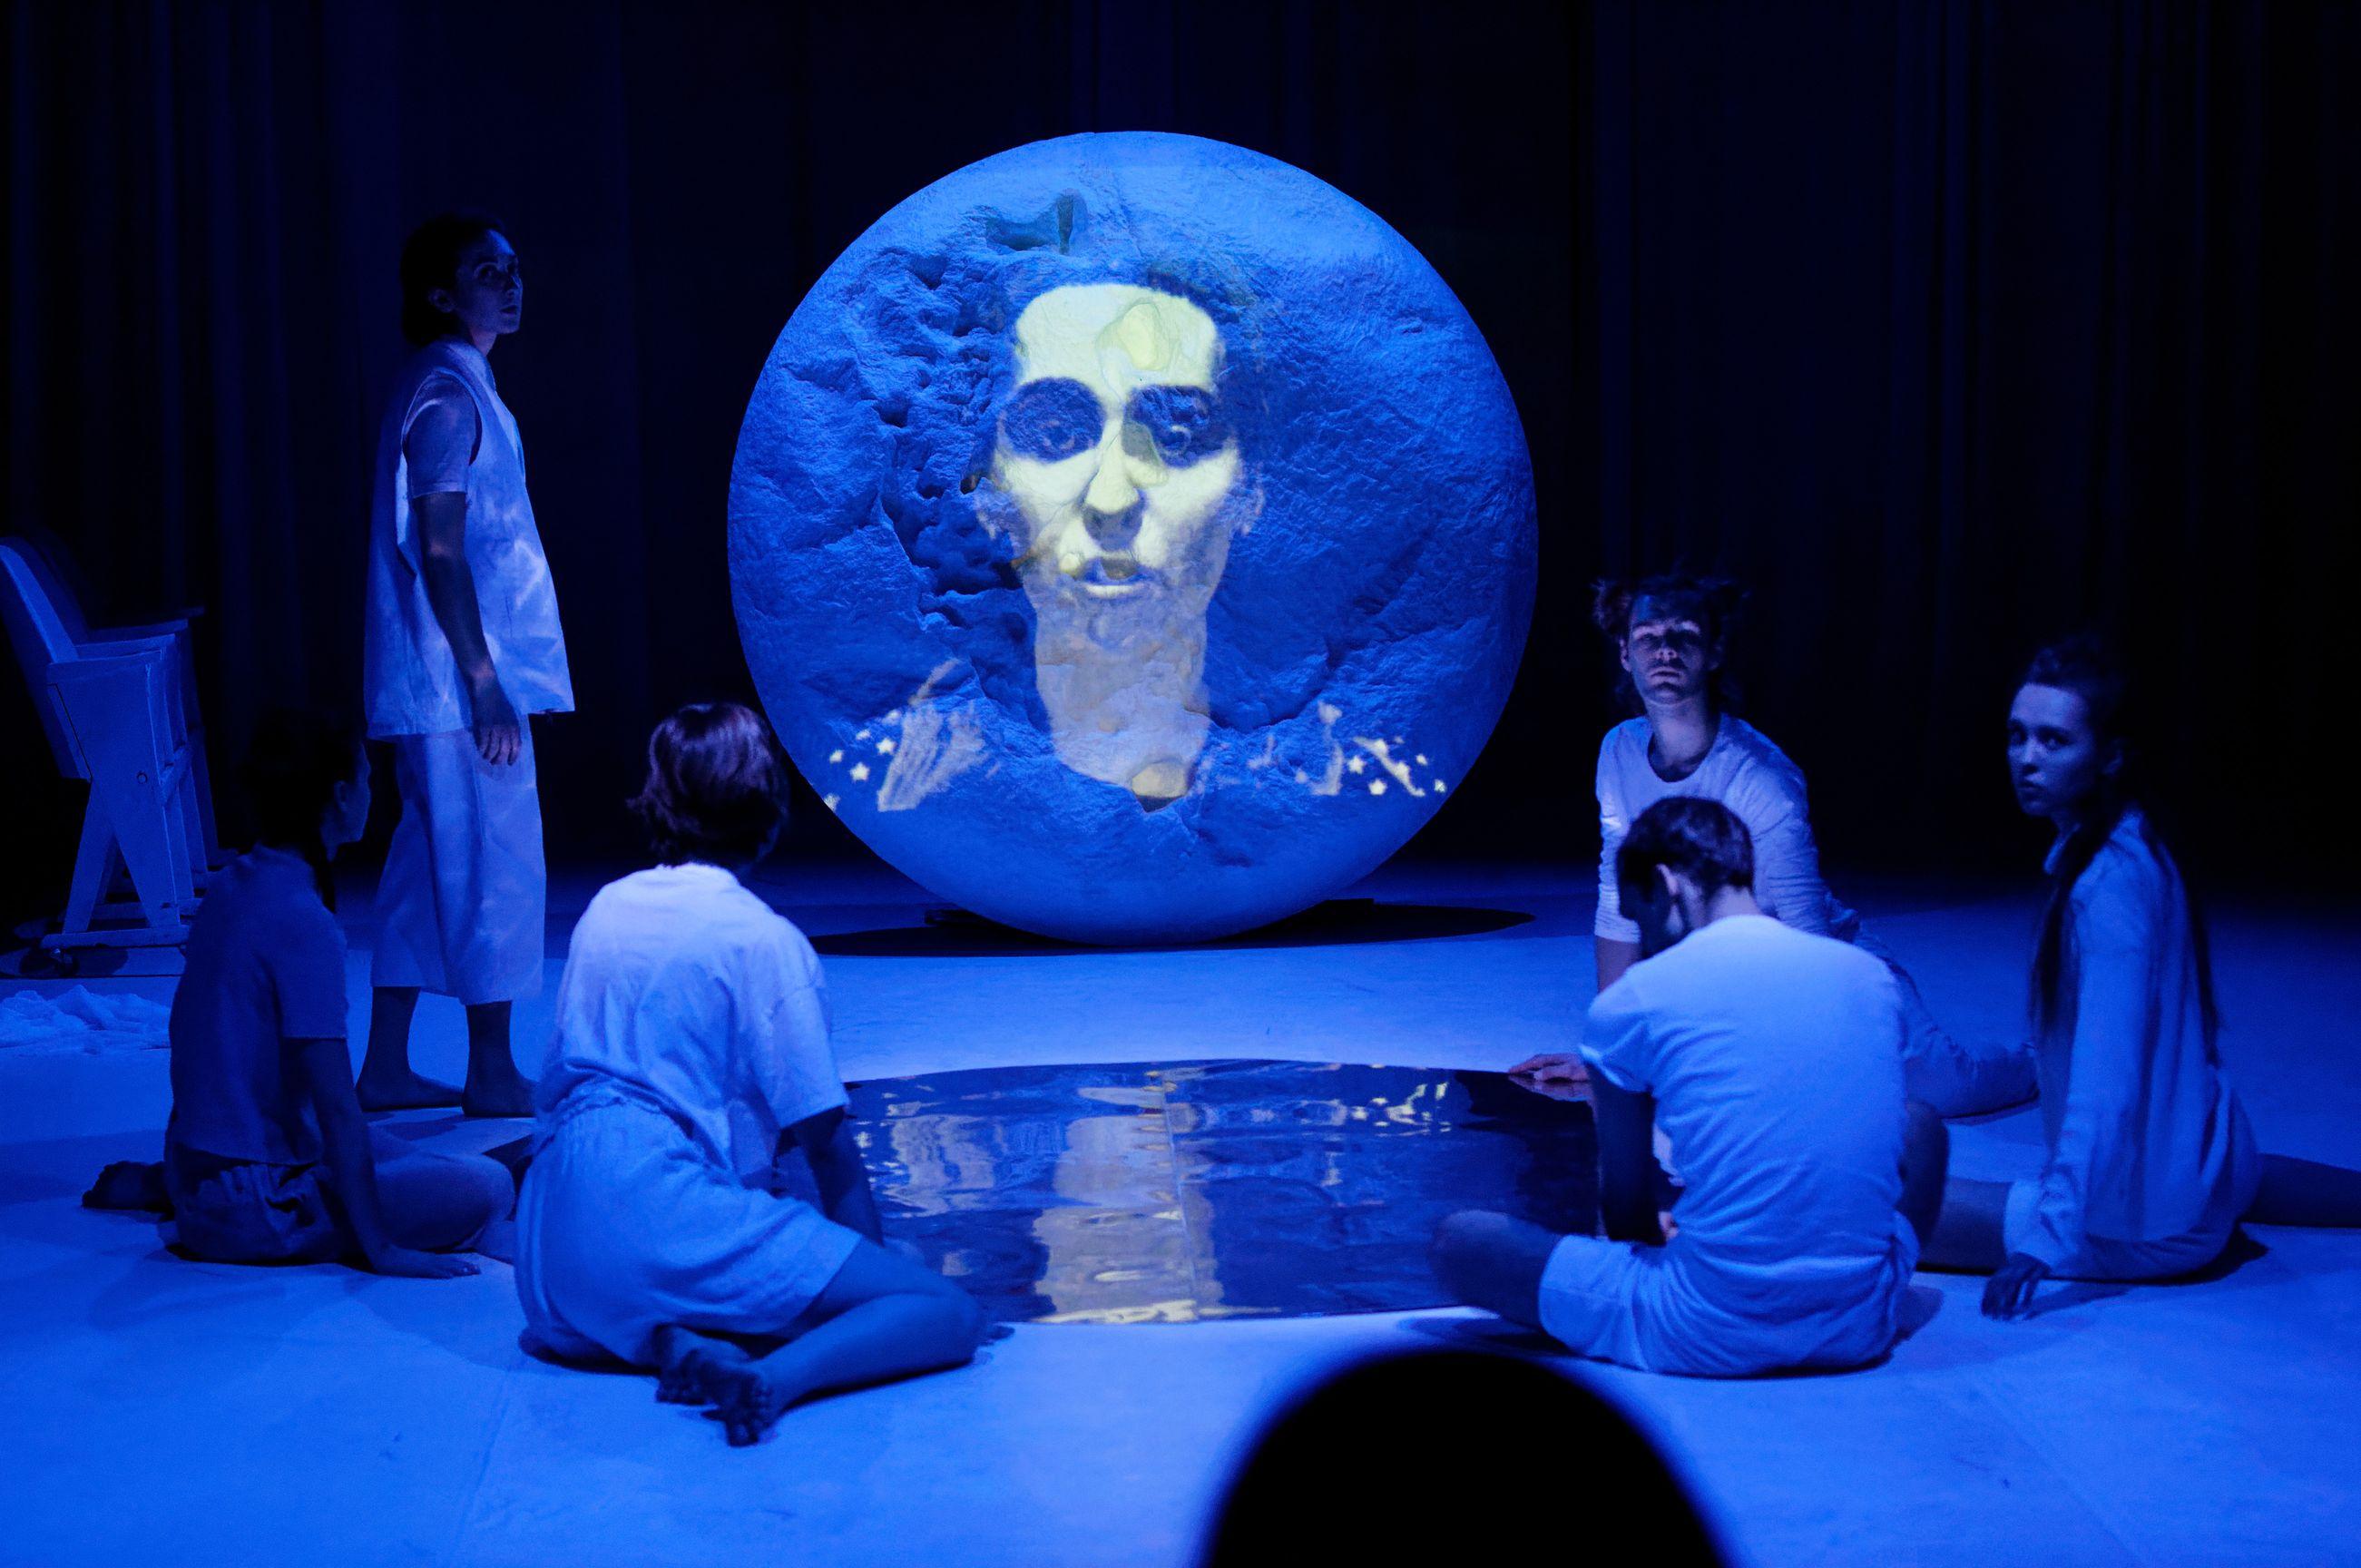 aktorzy na scenie, niebieskie oświetlenie